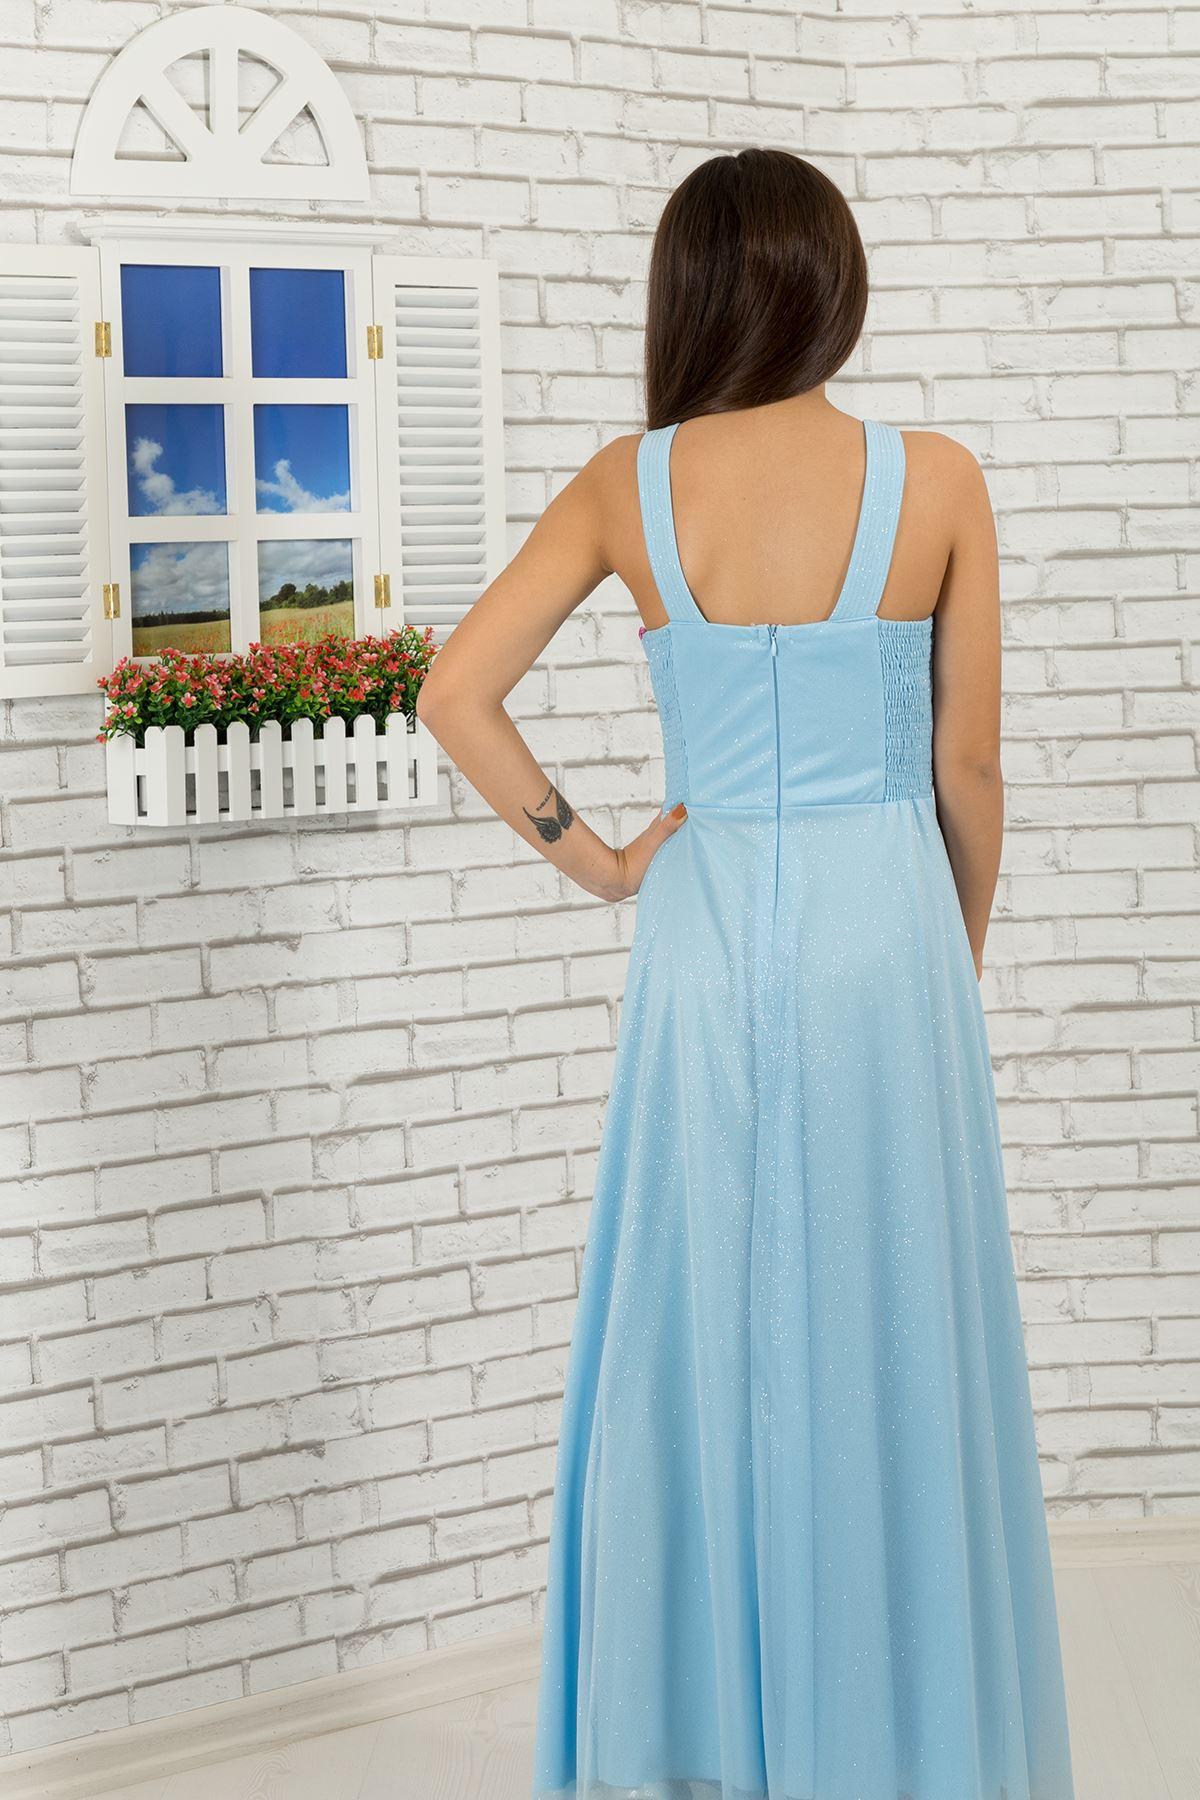 Pas a krk detailní, stříbřité šifon dívka děti večerní šaty 472 baby blue